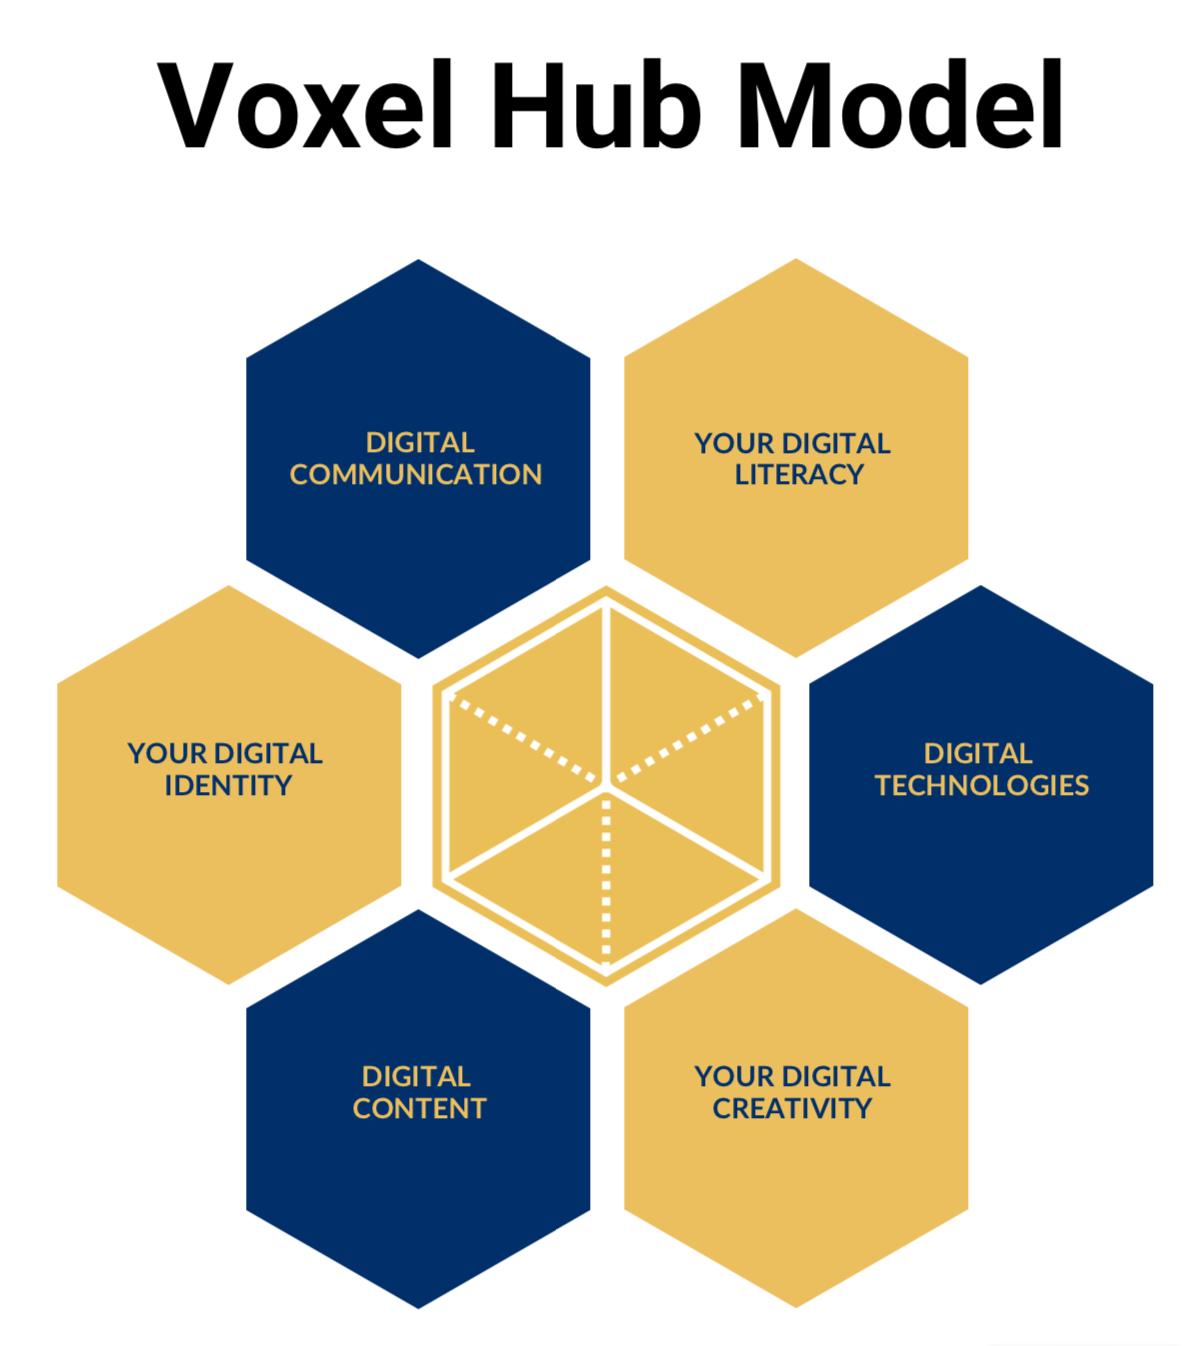 Voxel Hub model